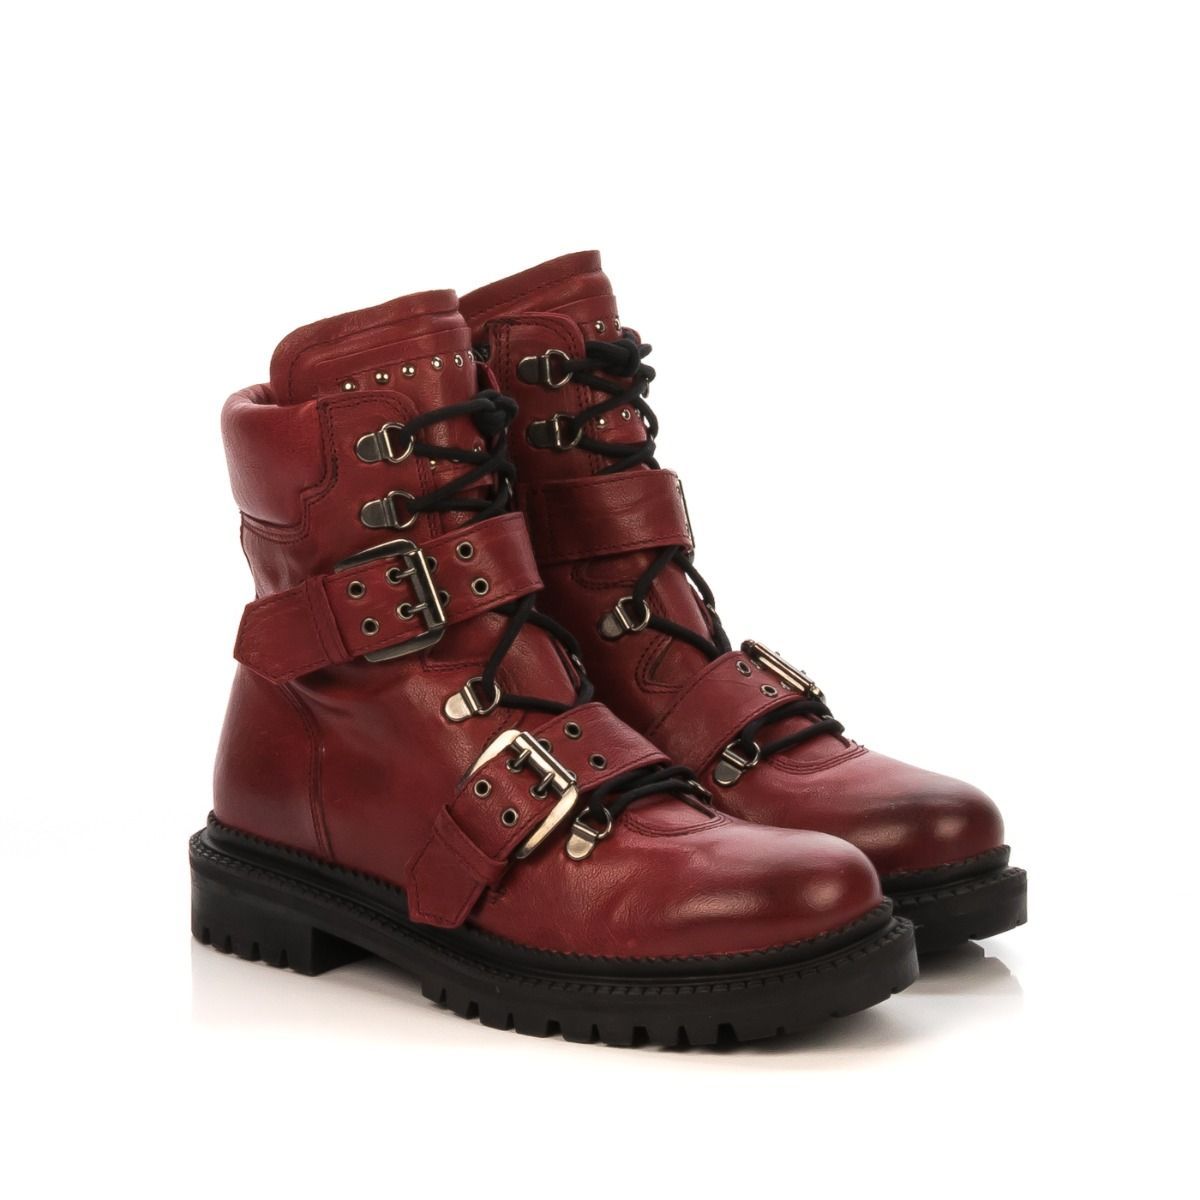 piuttosto carino intera collezione le migliori scarpe Anfibio donna|FABBRICA DEI COLLI WILD207 rosso due fibbie|Shop ...